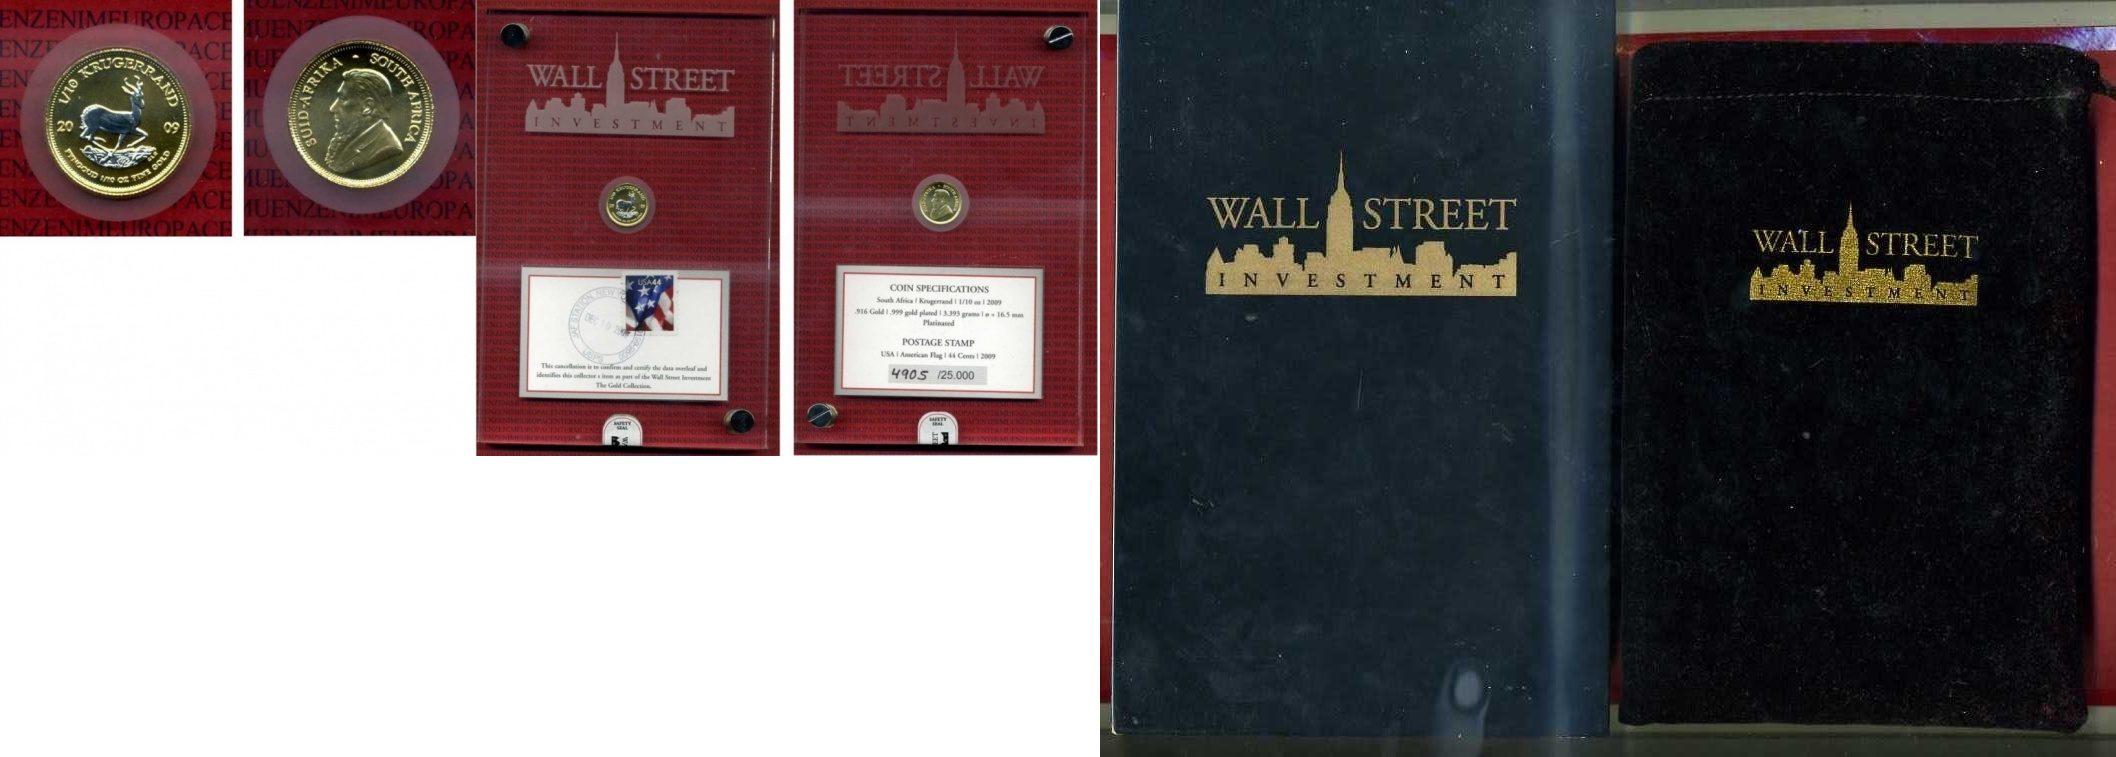 1/10 Unze Krügerrand Gold teilplatiniert Südafrika Süd Afrika 2009 1/10 Unze Gold Krügerrand teilplatiniert Wallstreet Investment